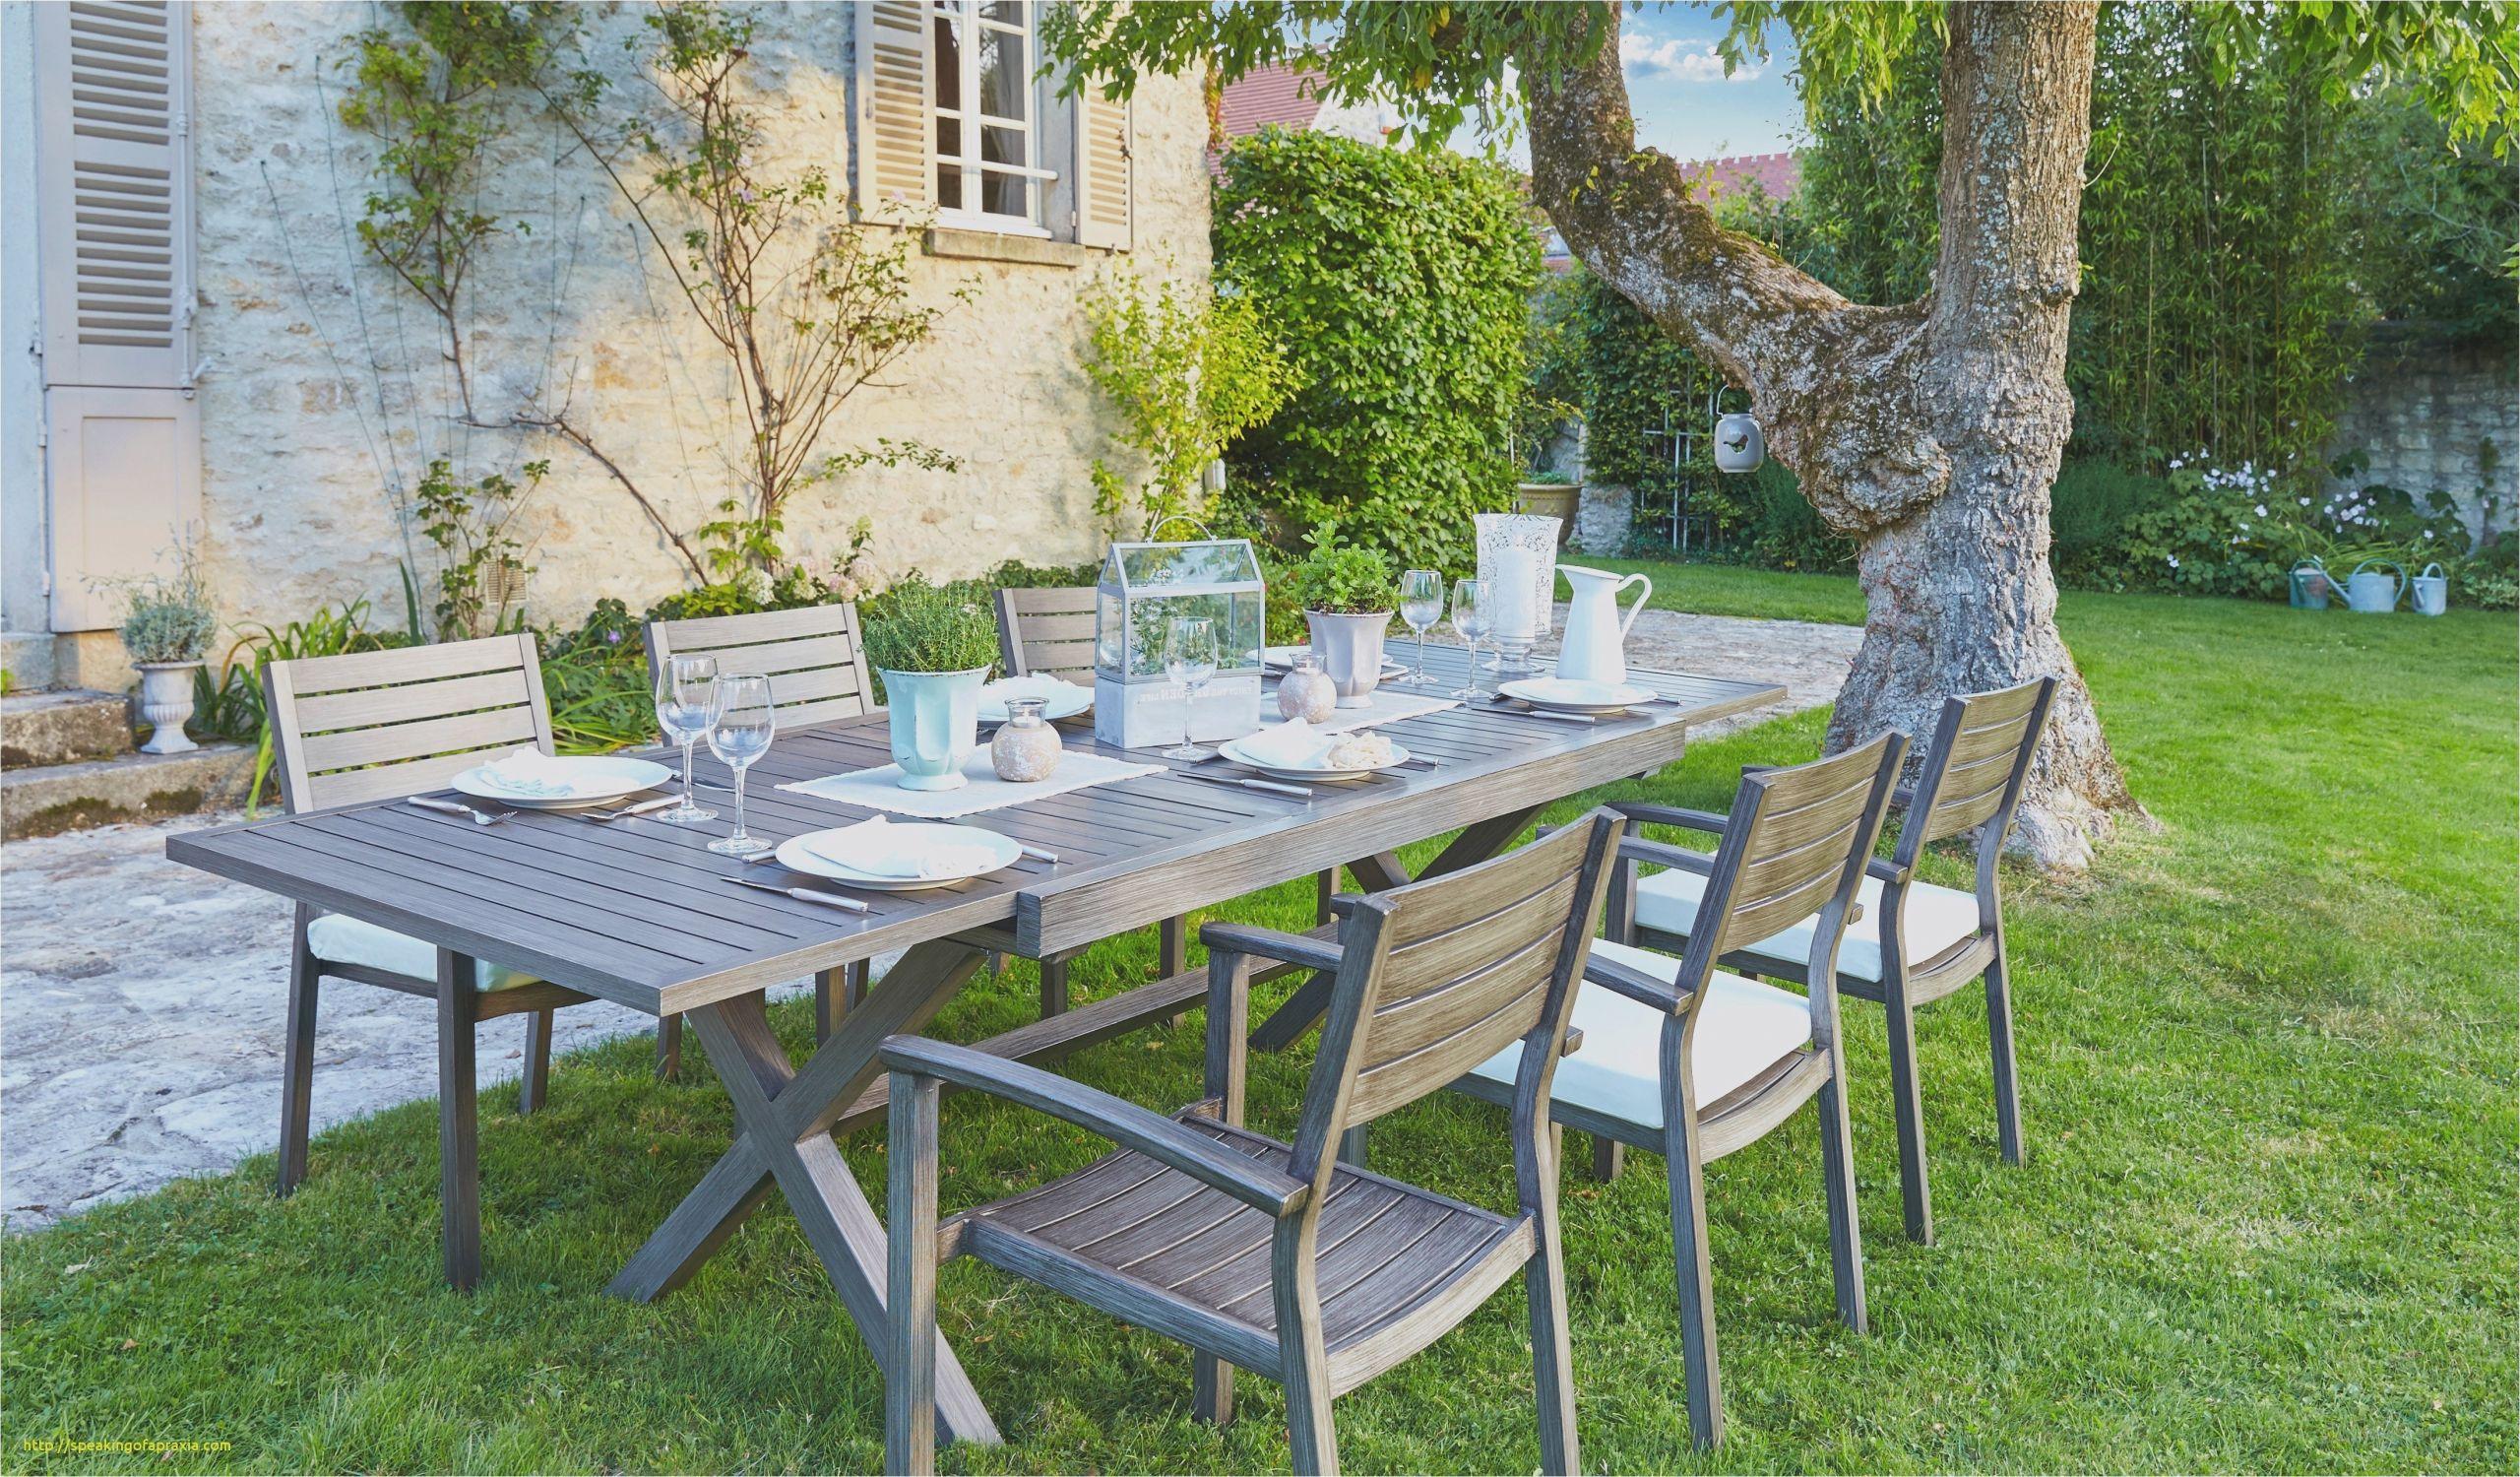 40 Inspirant Table Exterieur Carrefour | Salon Jardin intérieur Tonnelle De Jardin Carrefour